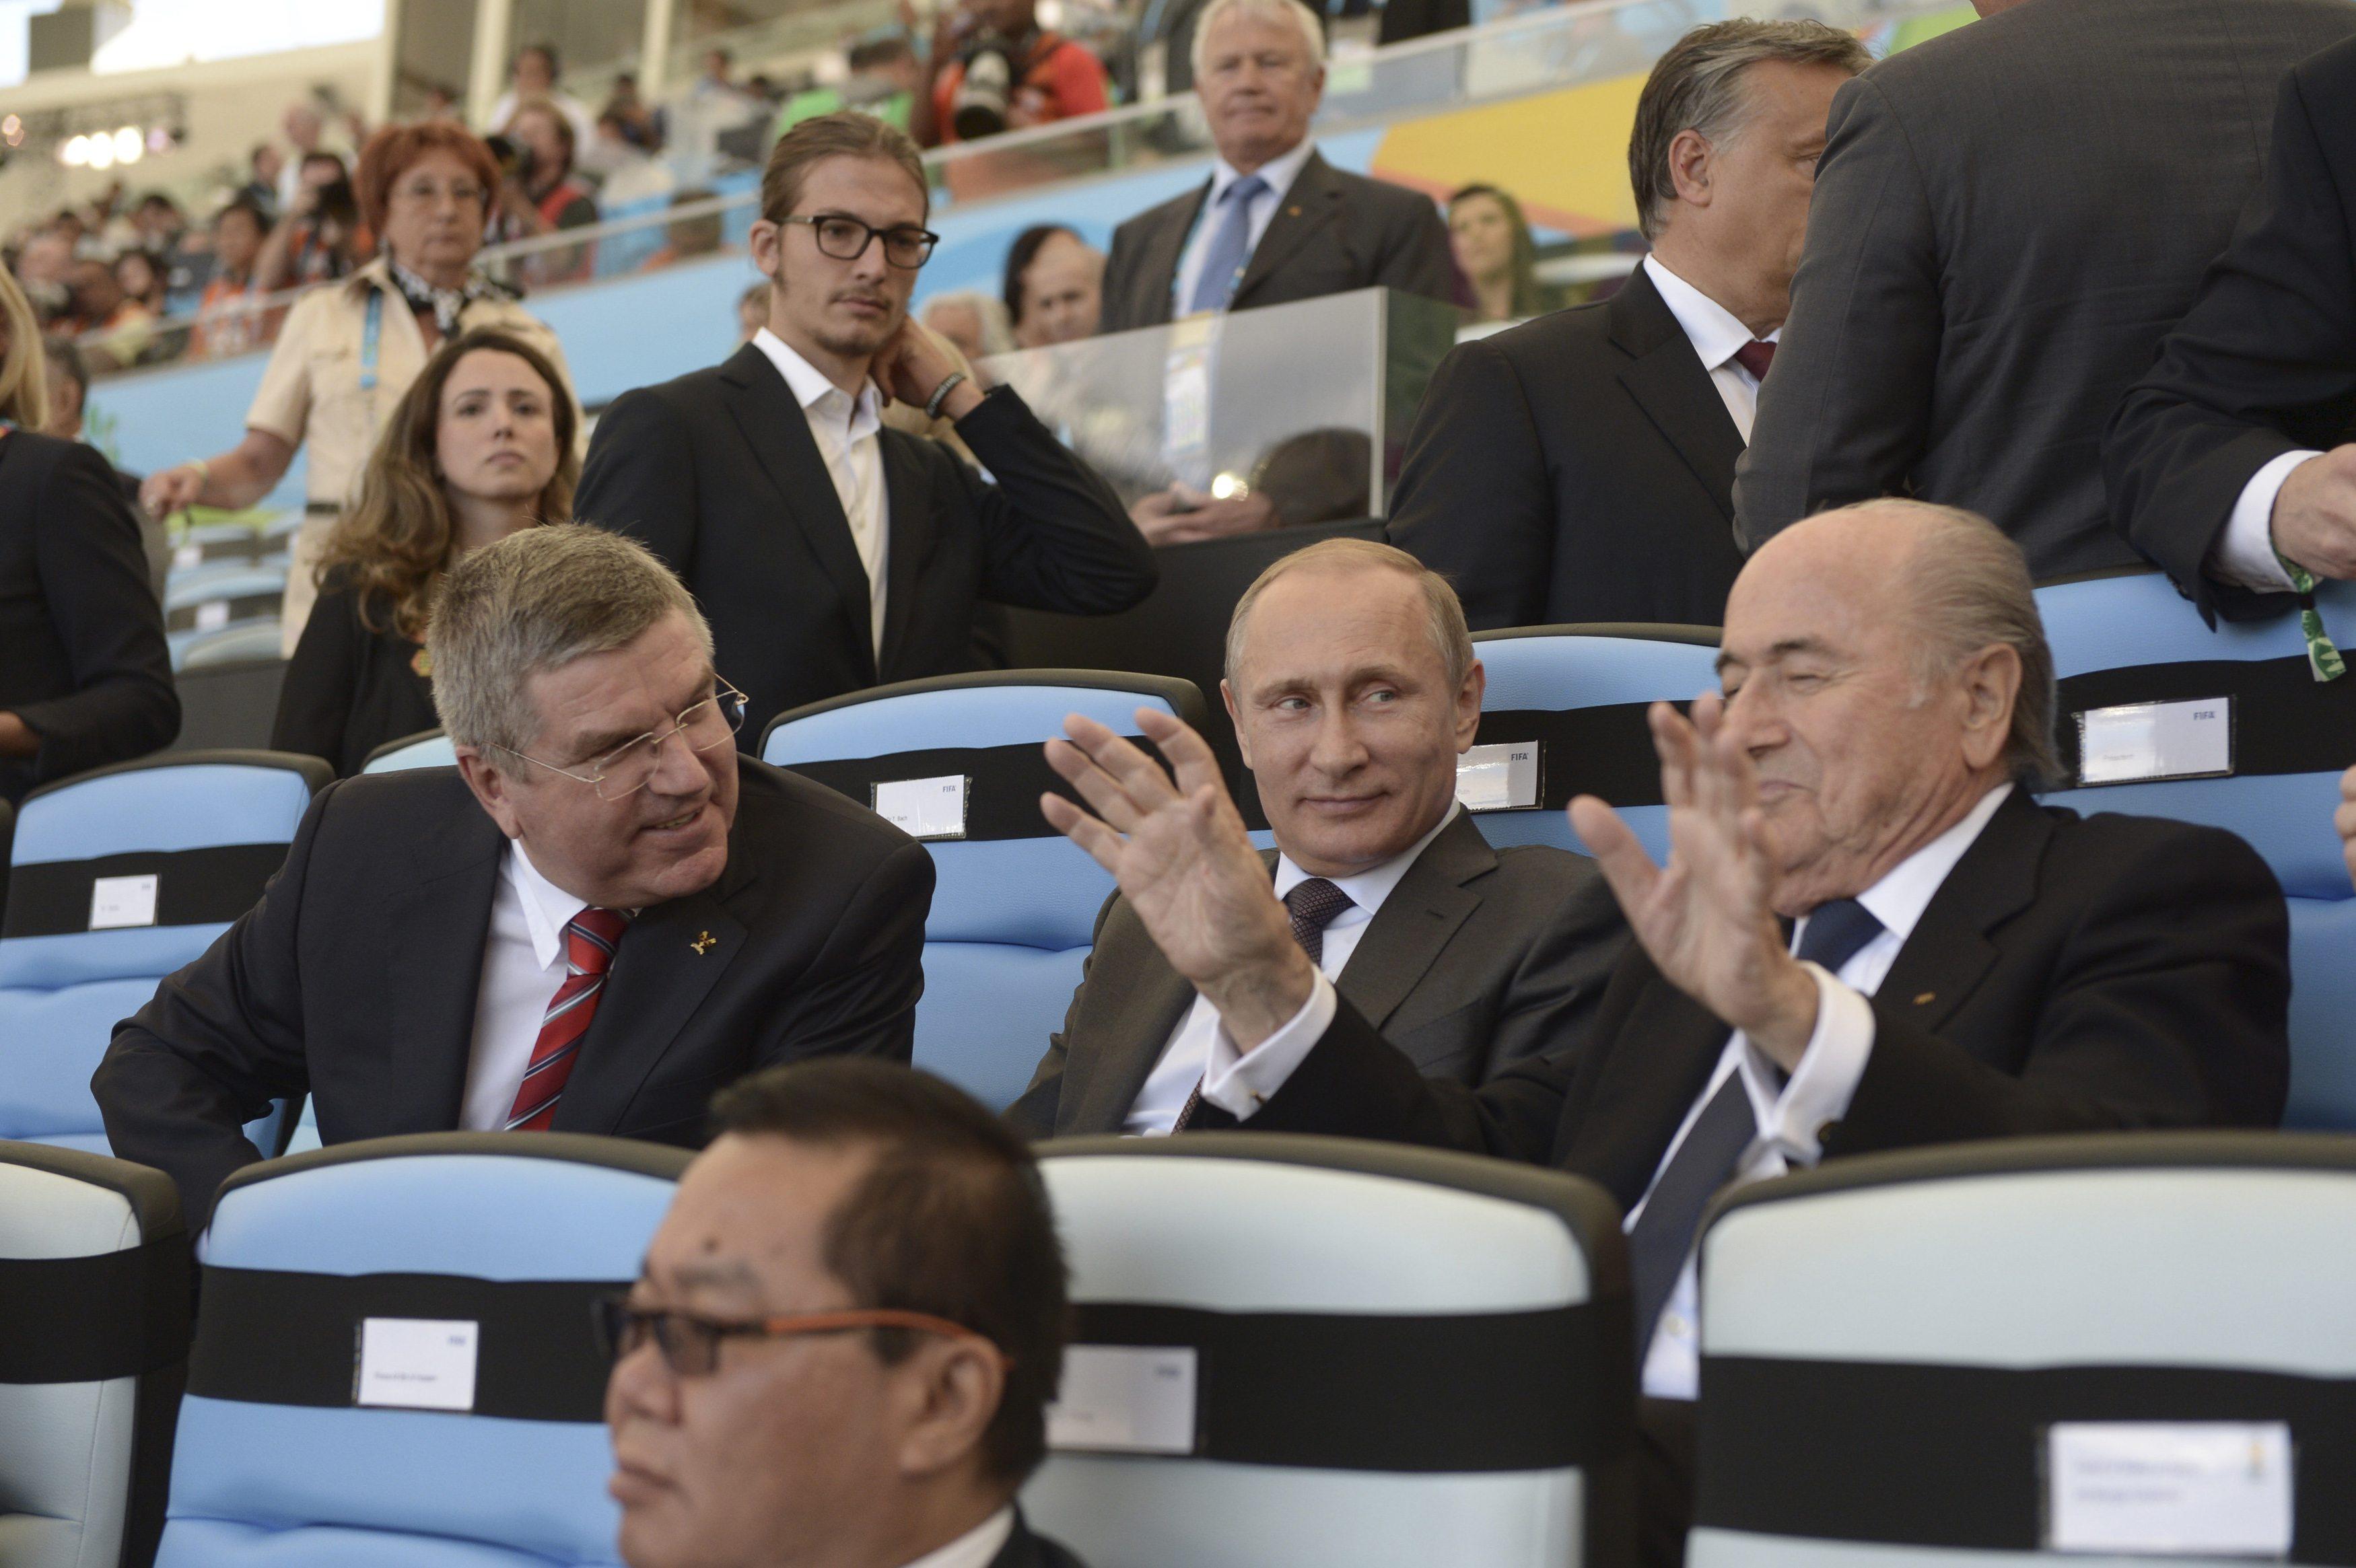 Feine Gesellschaft: IOC-Präsident Thomas Bach, Russlands Präsident Wladimir Putin und Joseph Blatter beim Final im Maracana.